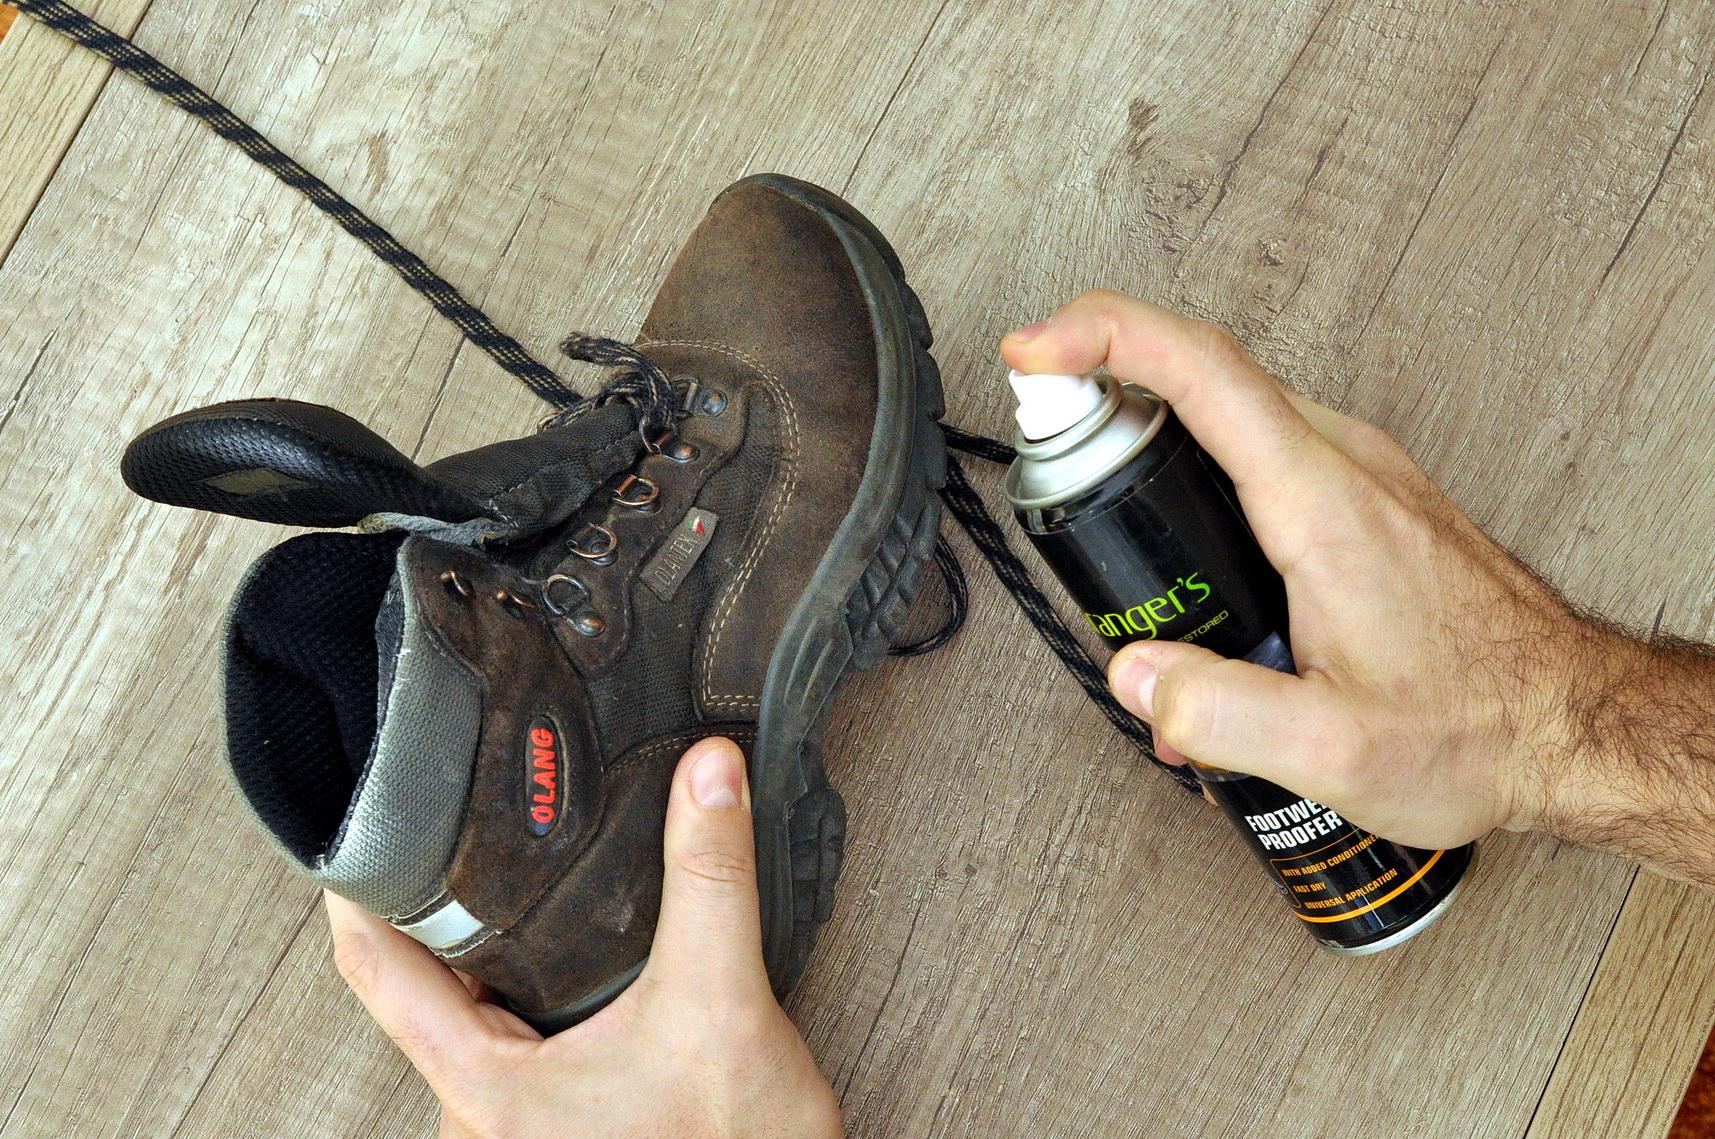 Sprayt mindig kültéren használjuk, és vegyük figyelembe az előírásokat Forrás: Paraferee - Mozgásvilág.hu